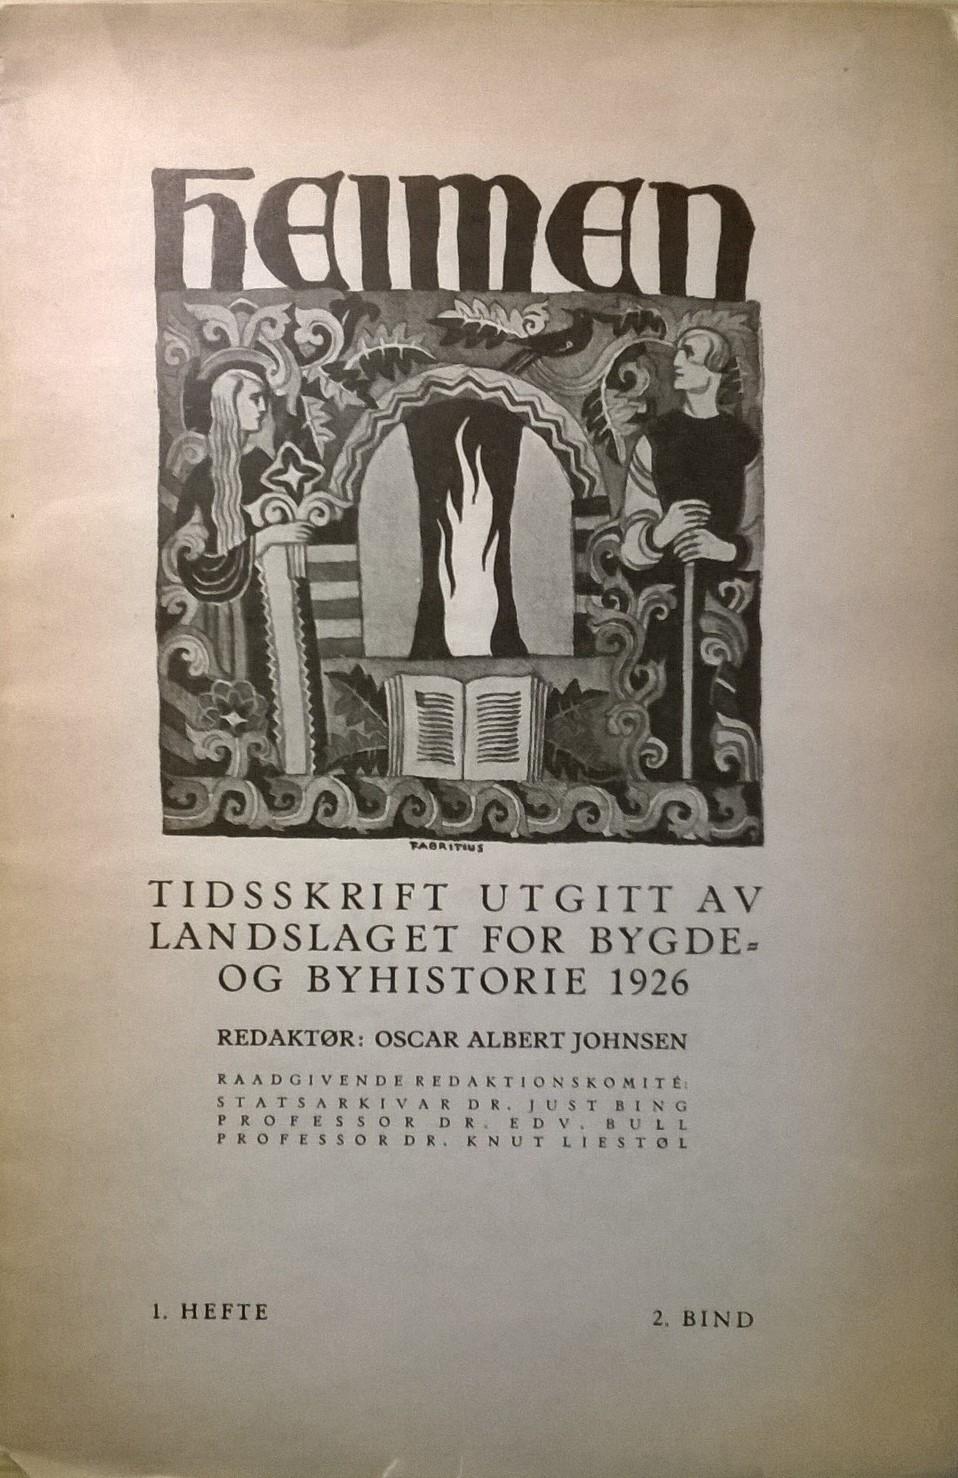 e8a27c24d Arkiv for Produkter - Side 72 av 179 - Antikvariat Norge